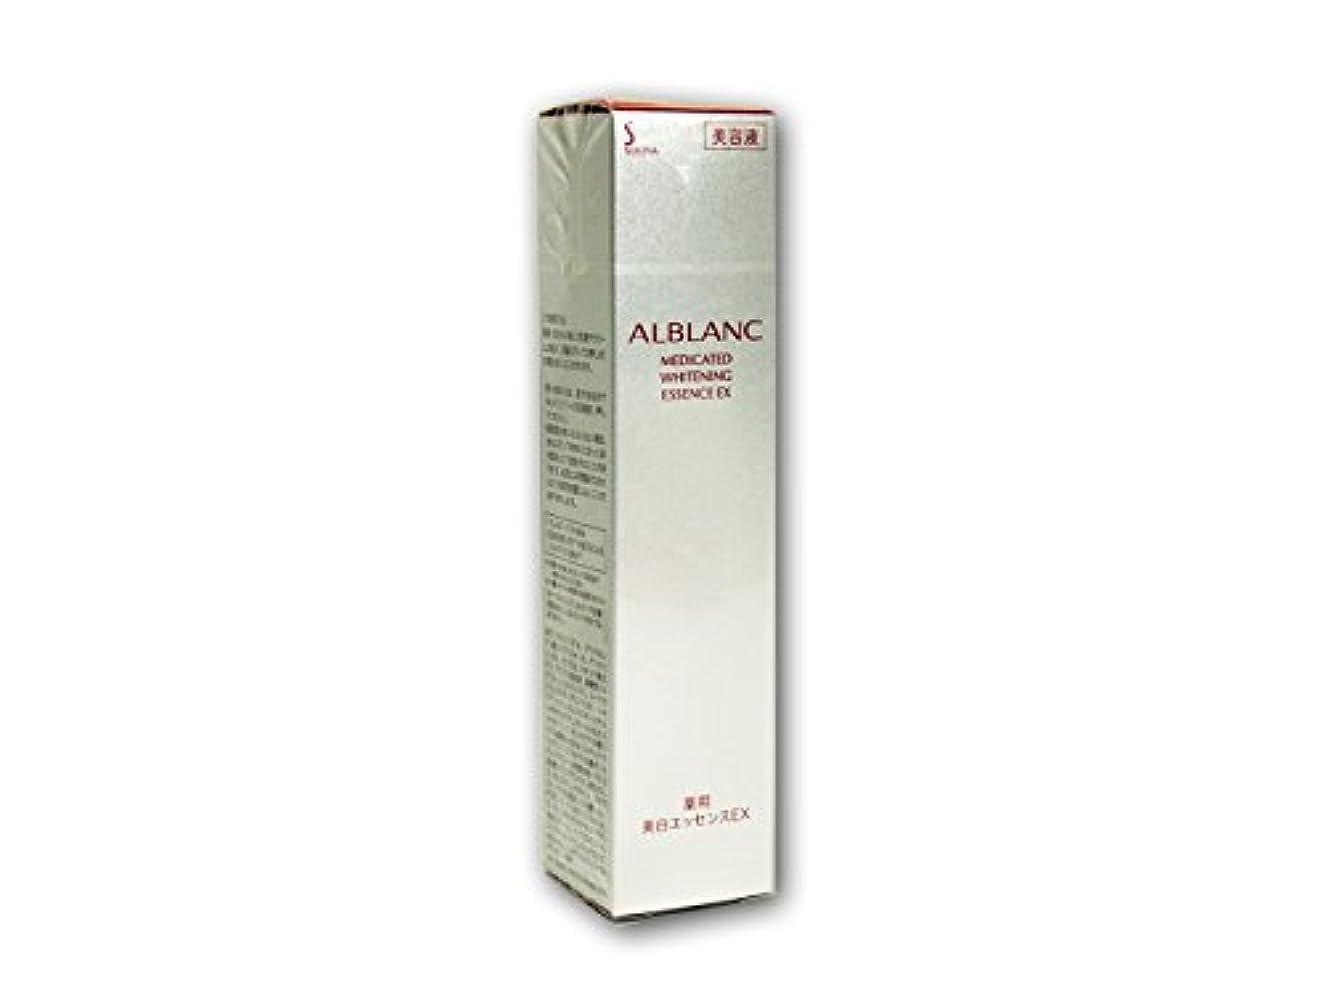 にもかかわらずくそー乳白花王 ソフィーナ アルブラン 薬用美白エッセンスEX 40g